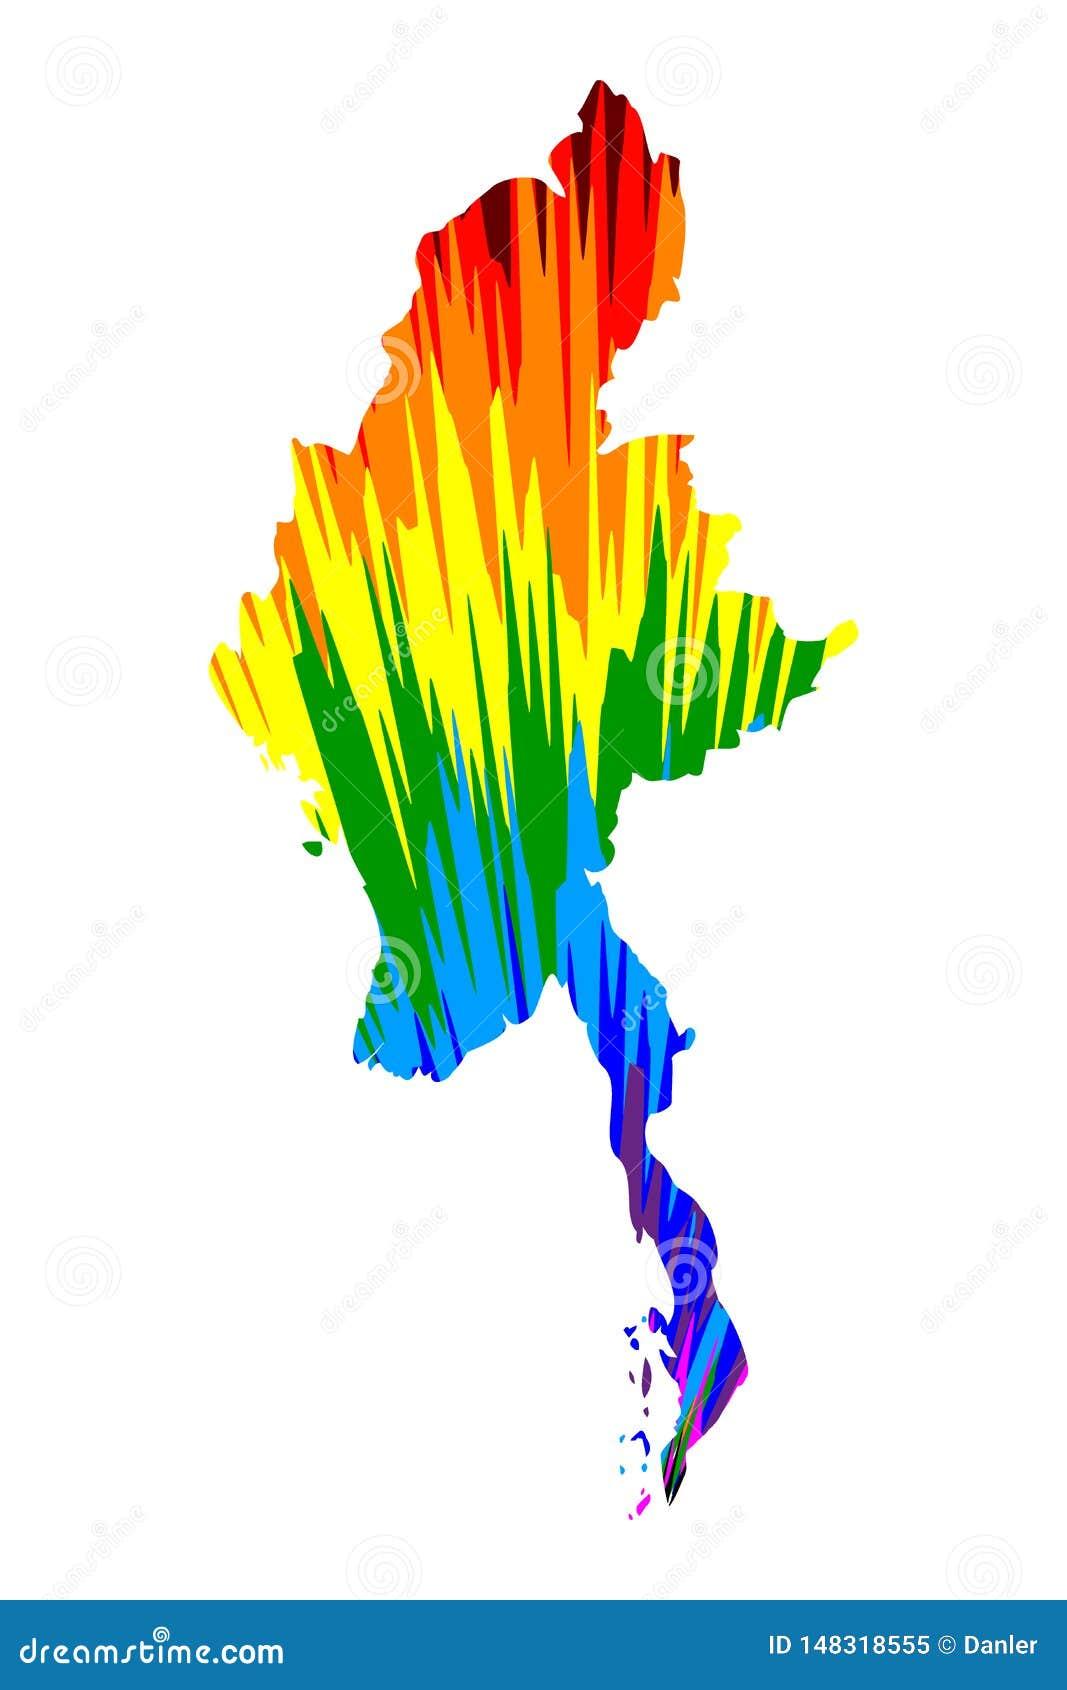 Myanmar - el mapa es el modelo colorido diseñado del extracto del arco iris, república de la unión del mapa de Myanmar Birmania h